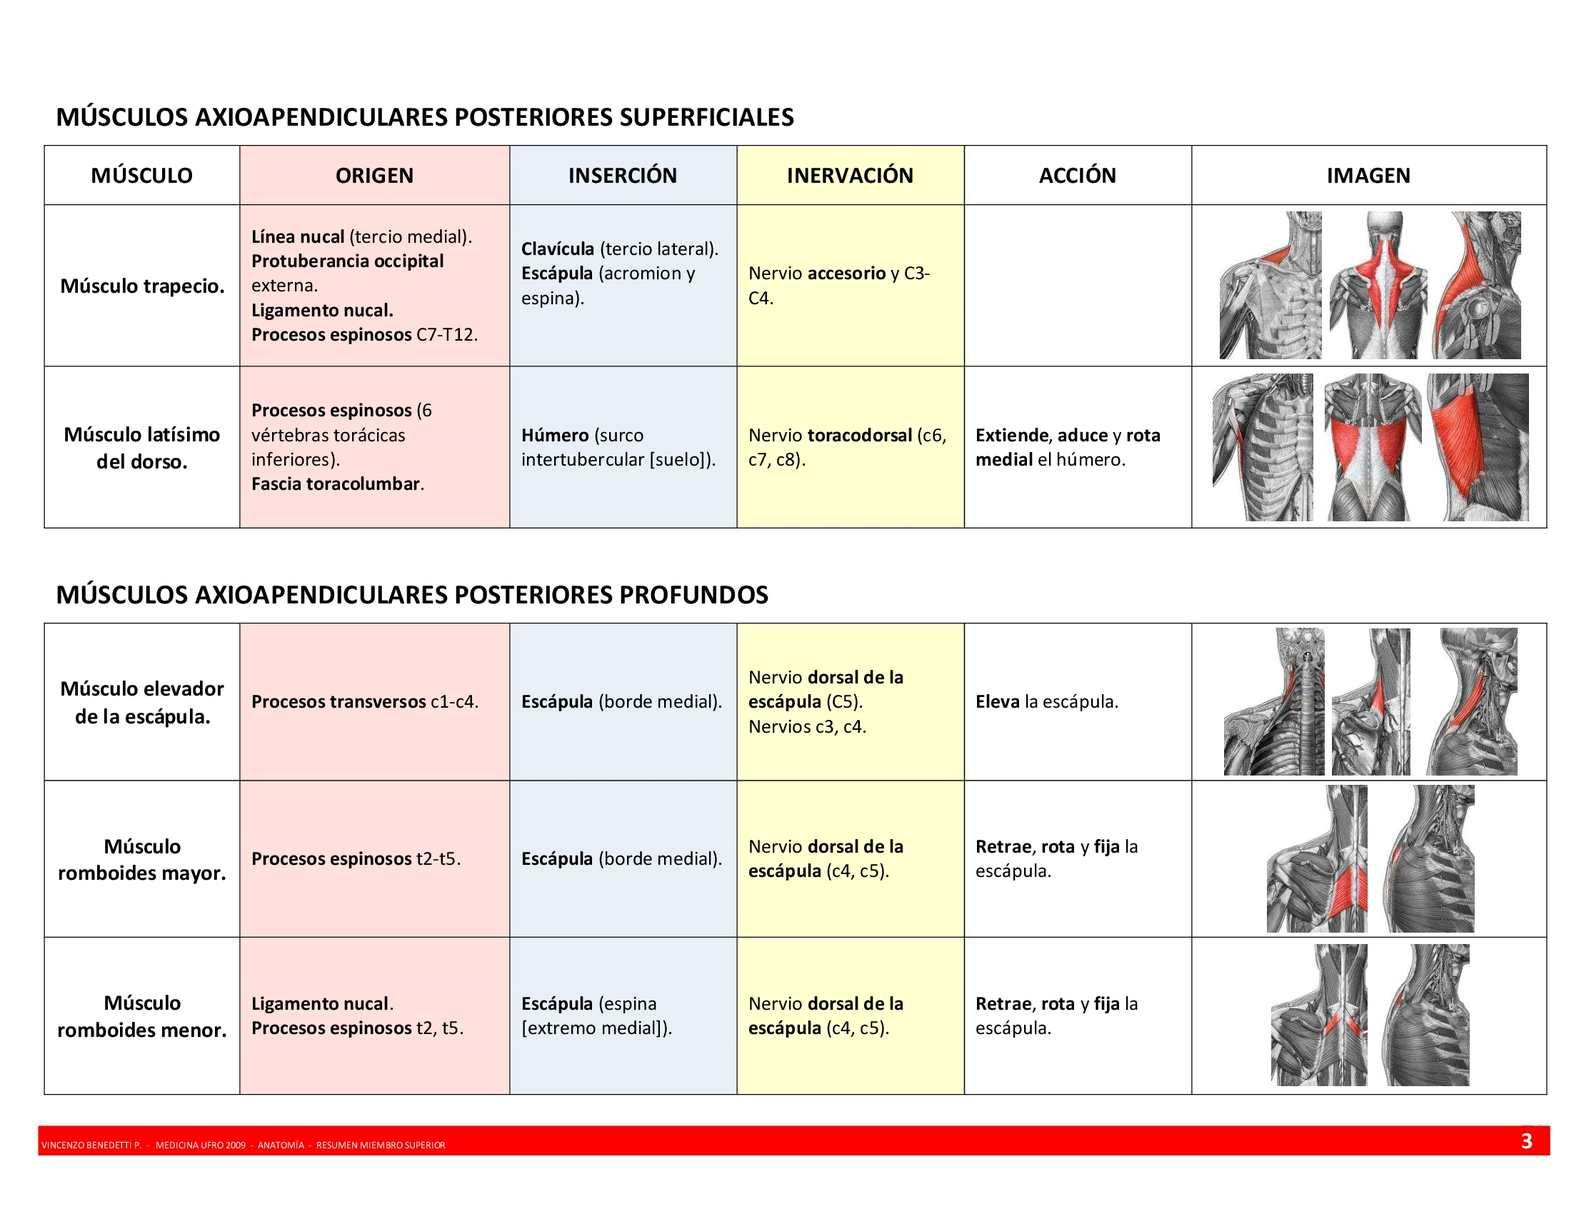 Anatomía Resumen Músculos Miembro Superior - CALAMEO Downloader